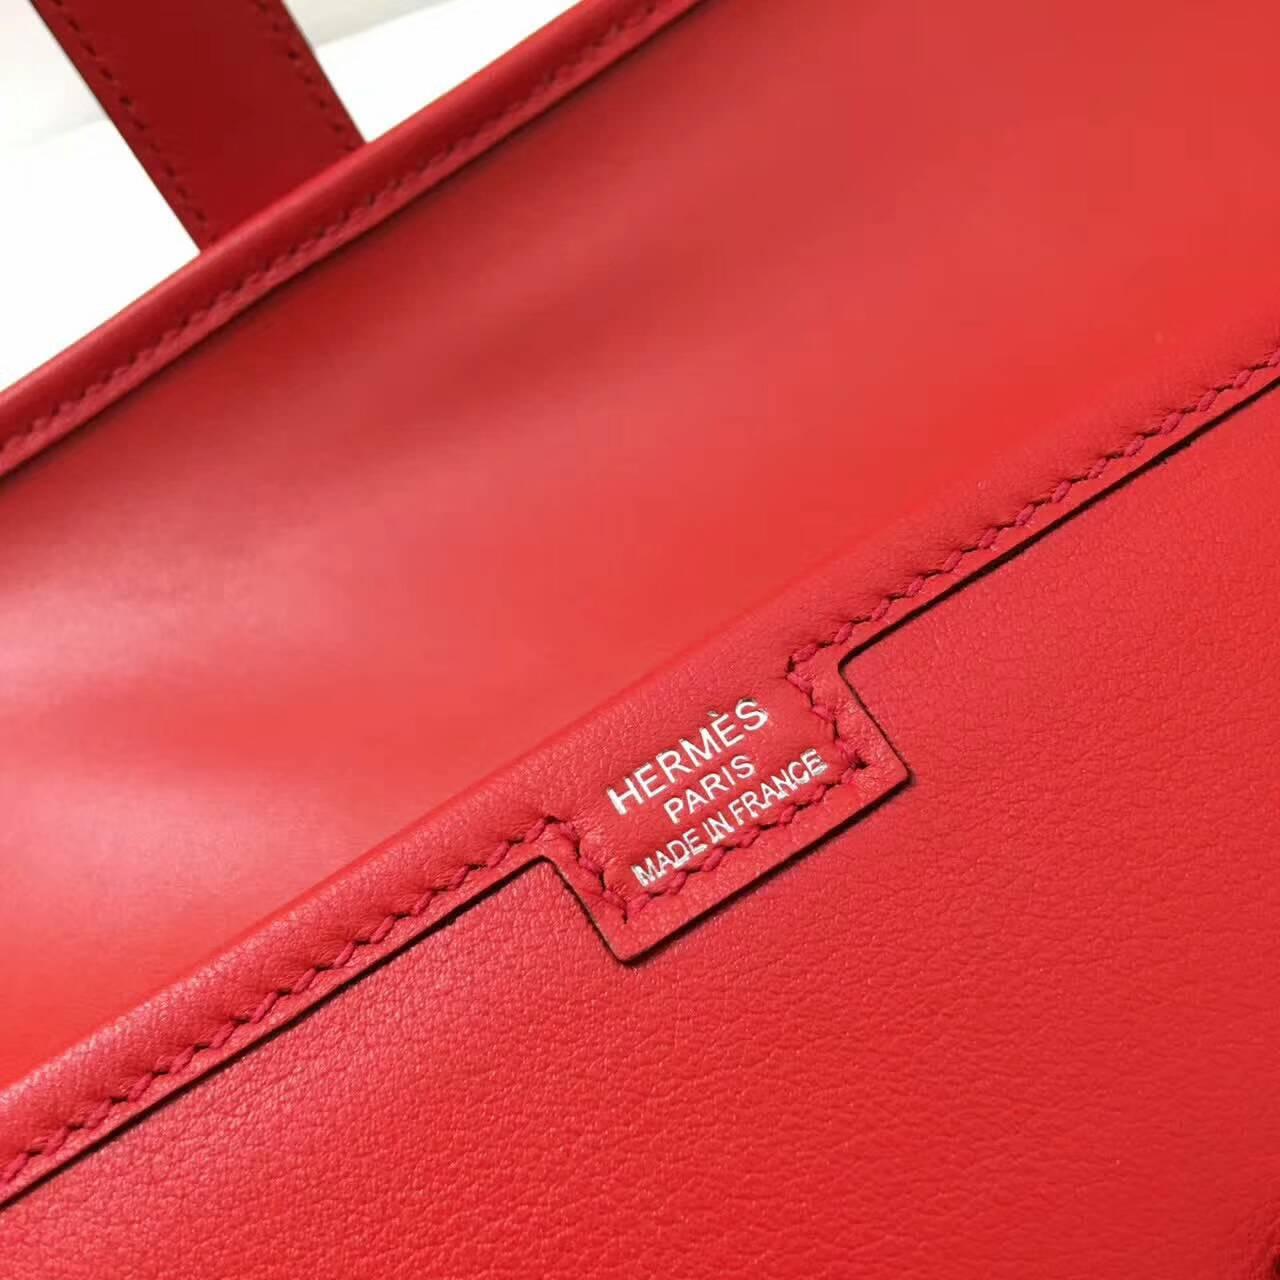 爱马仕钱包 Jige Elan 29cm Swift 法国原产小牛皮 Q5 Rouge Casaqbe 中国红